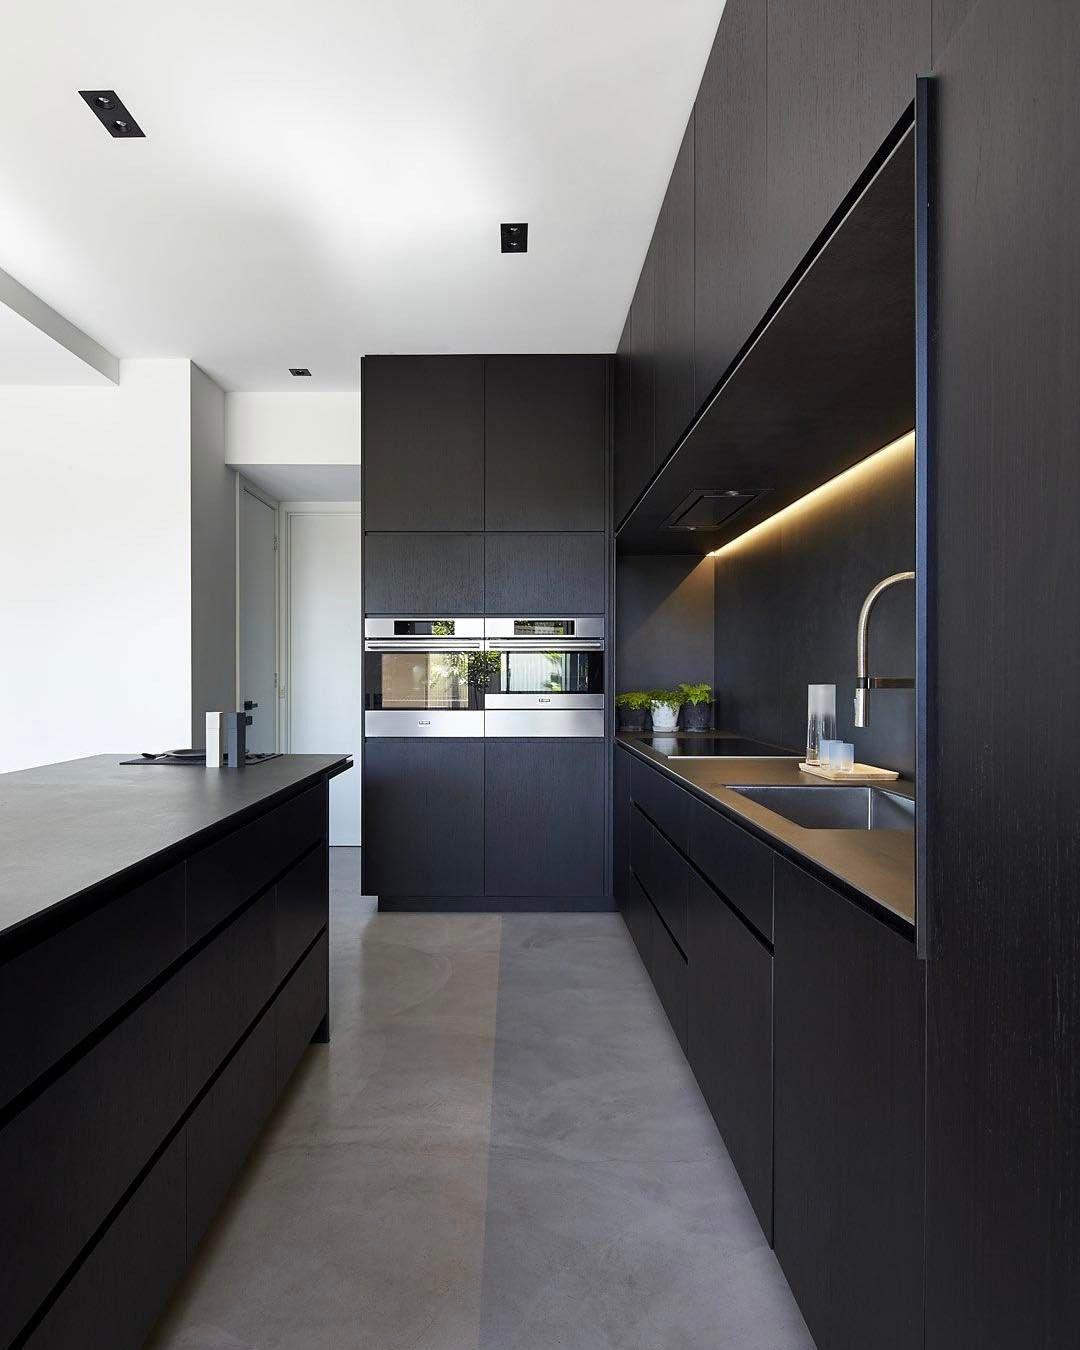 Minimal Black Kitchen  Design & Interior  Pinterest  Black Glamorous Modern Kitchen Interior Design Review